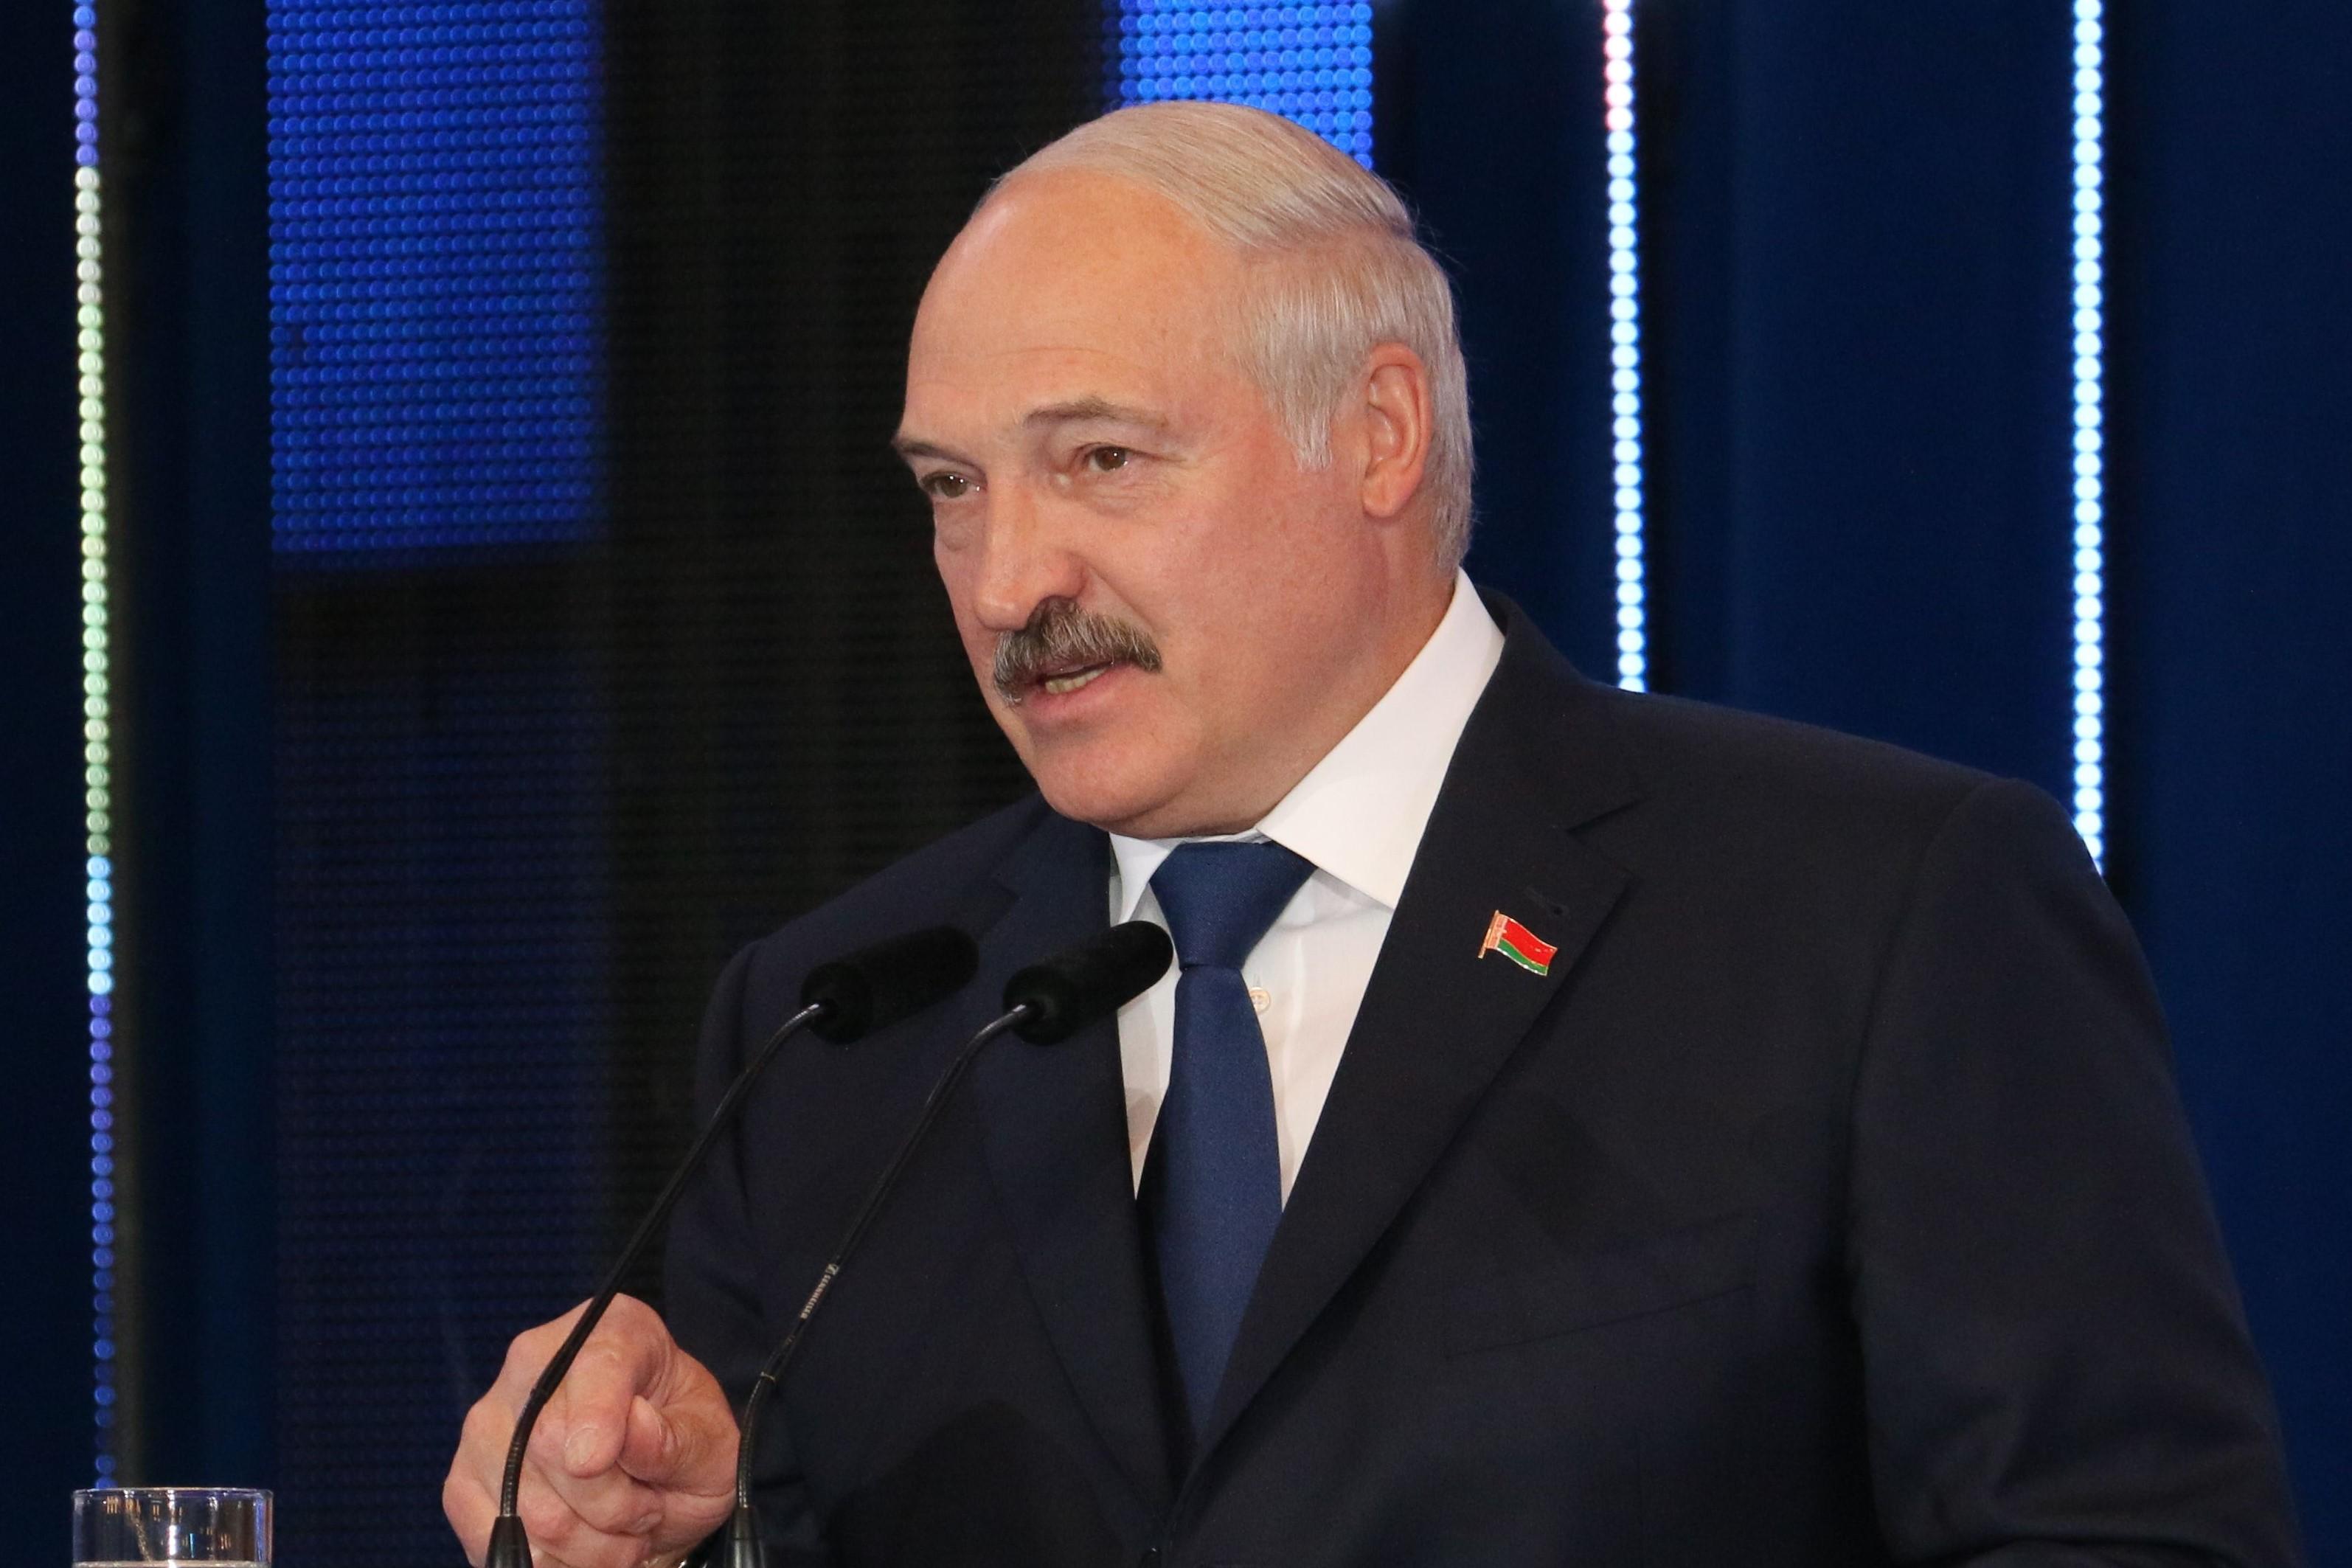 IMAGEM: Ditador de Belarus alega que jornalista preso planejava 'rebelião sangrenta'